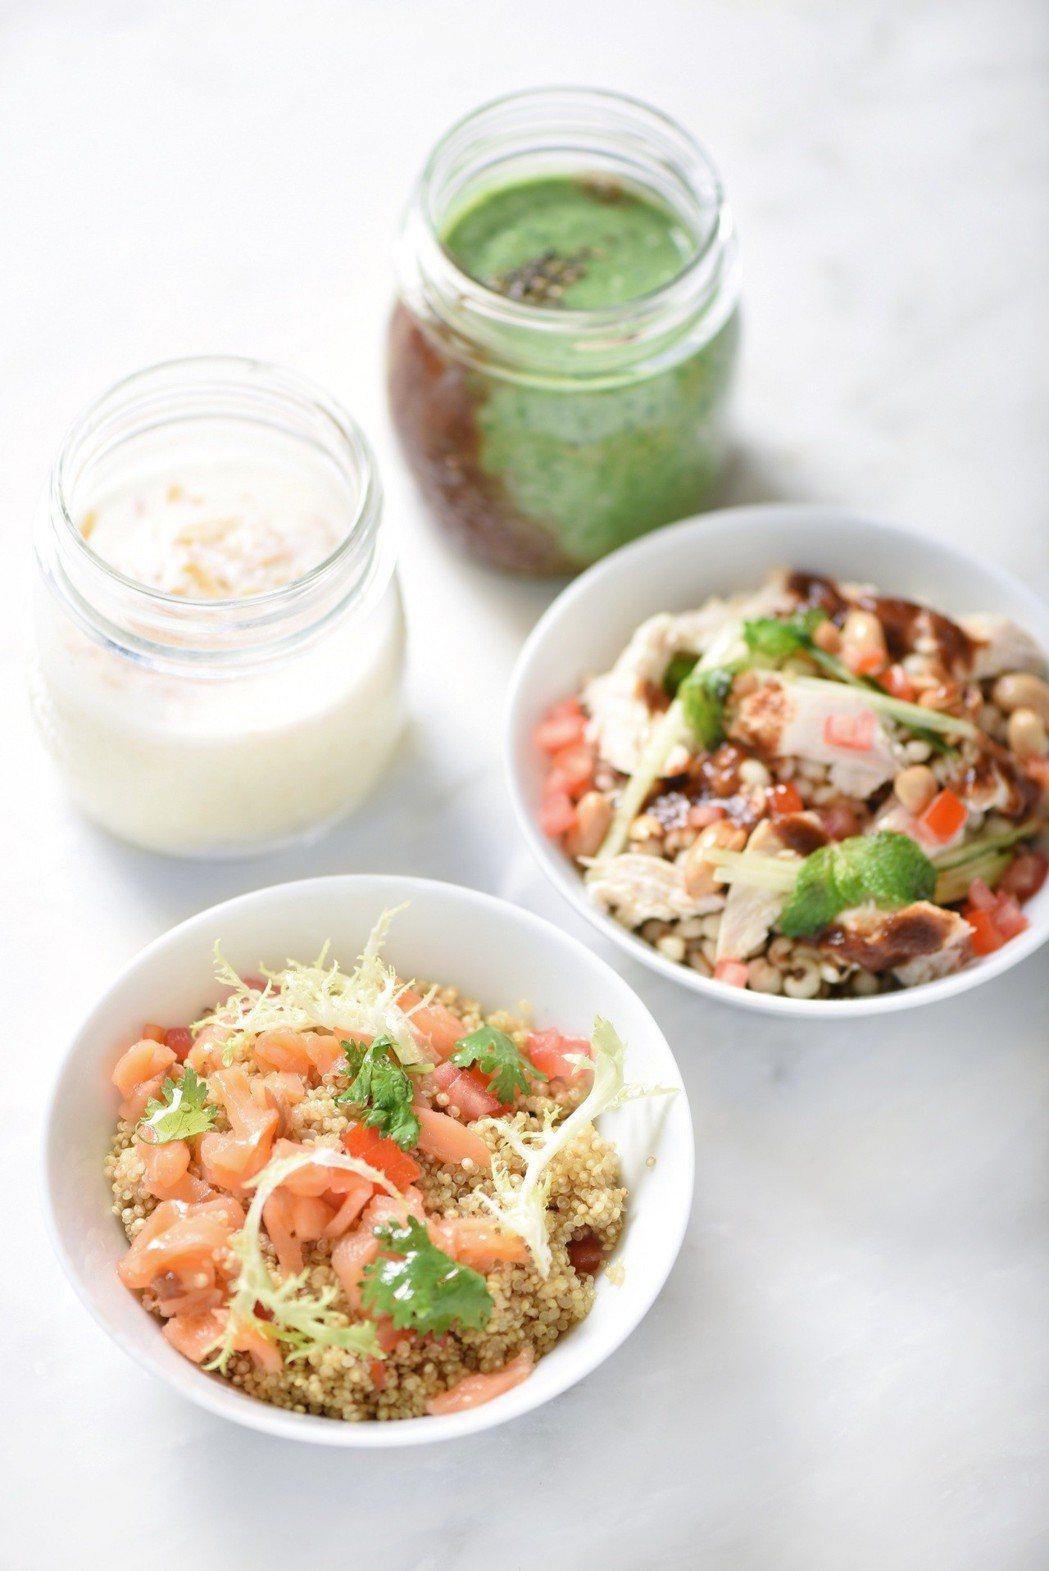 看準現代人重視健康養生,推出多種超能沙拉吧、健康思慕昔。圖/台北W飯店提供